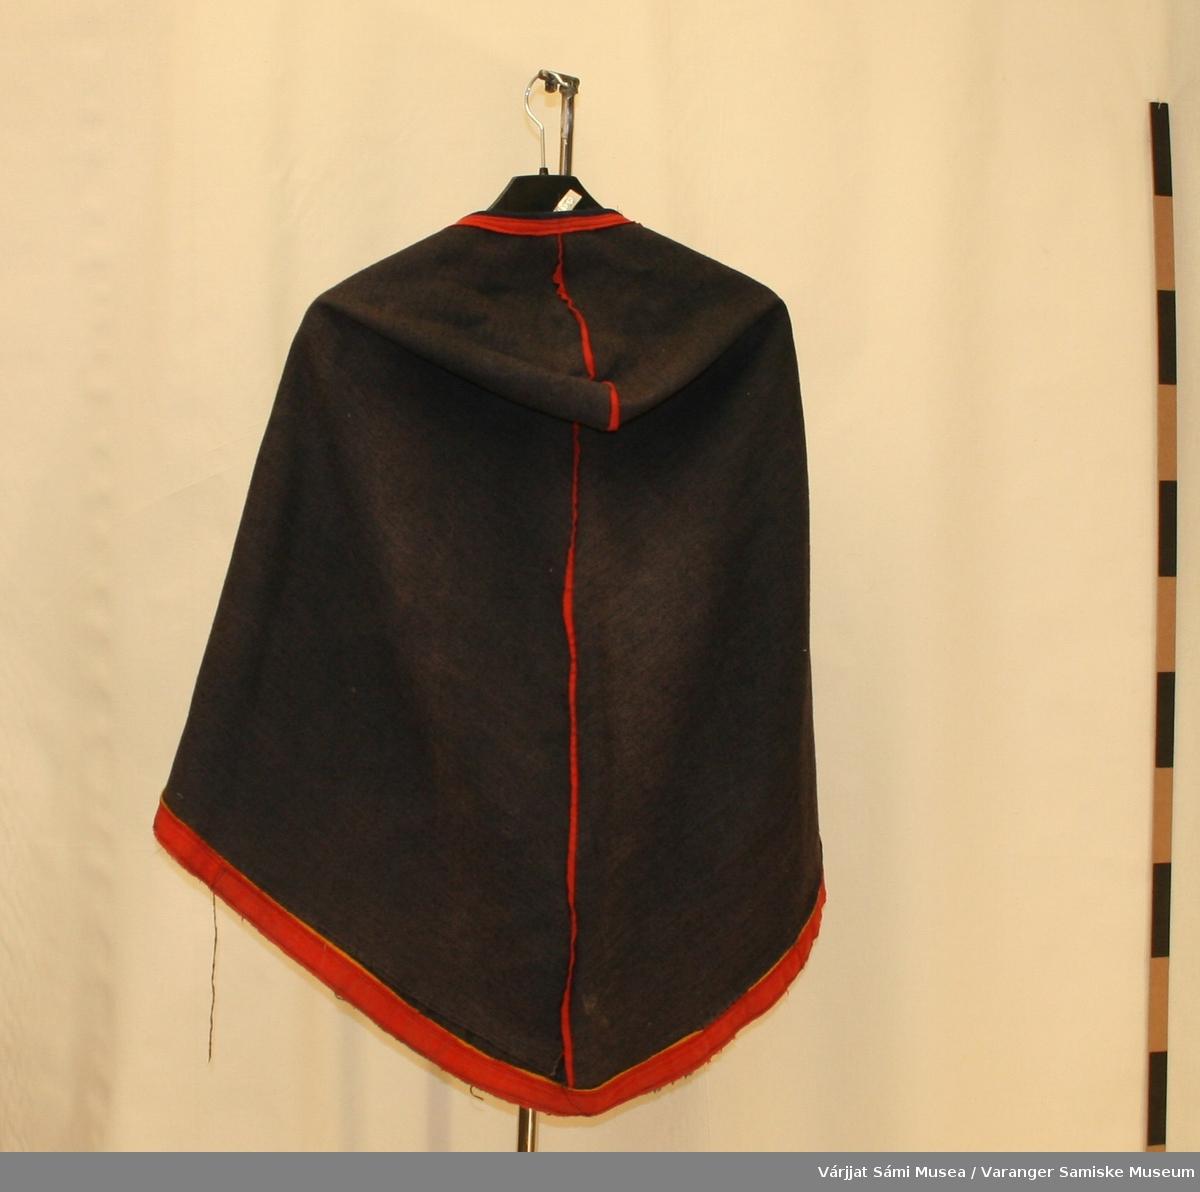 Luhkka sydd av svart/mørkeblå vadmel. Den har bevart svartfargen på innsiden, mens den er grå eller falmet på yttersiden. Den er pyntet med røde kledestrimler rundt åpningen, på ryggen og foran. Nederst er kanten pyntet med en smal gul og en bred rød kledestrimle.